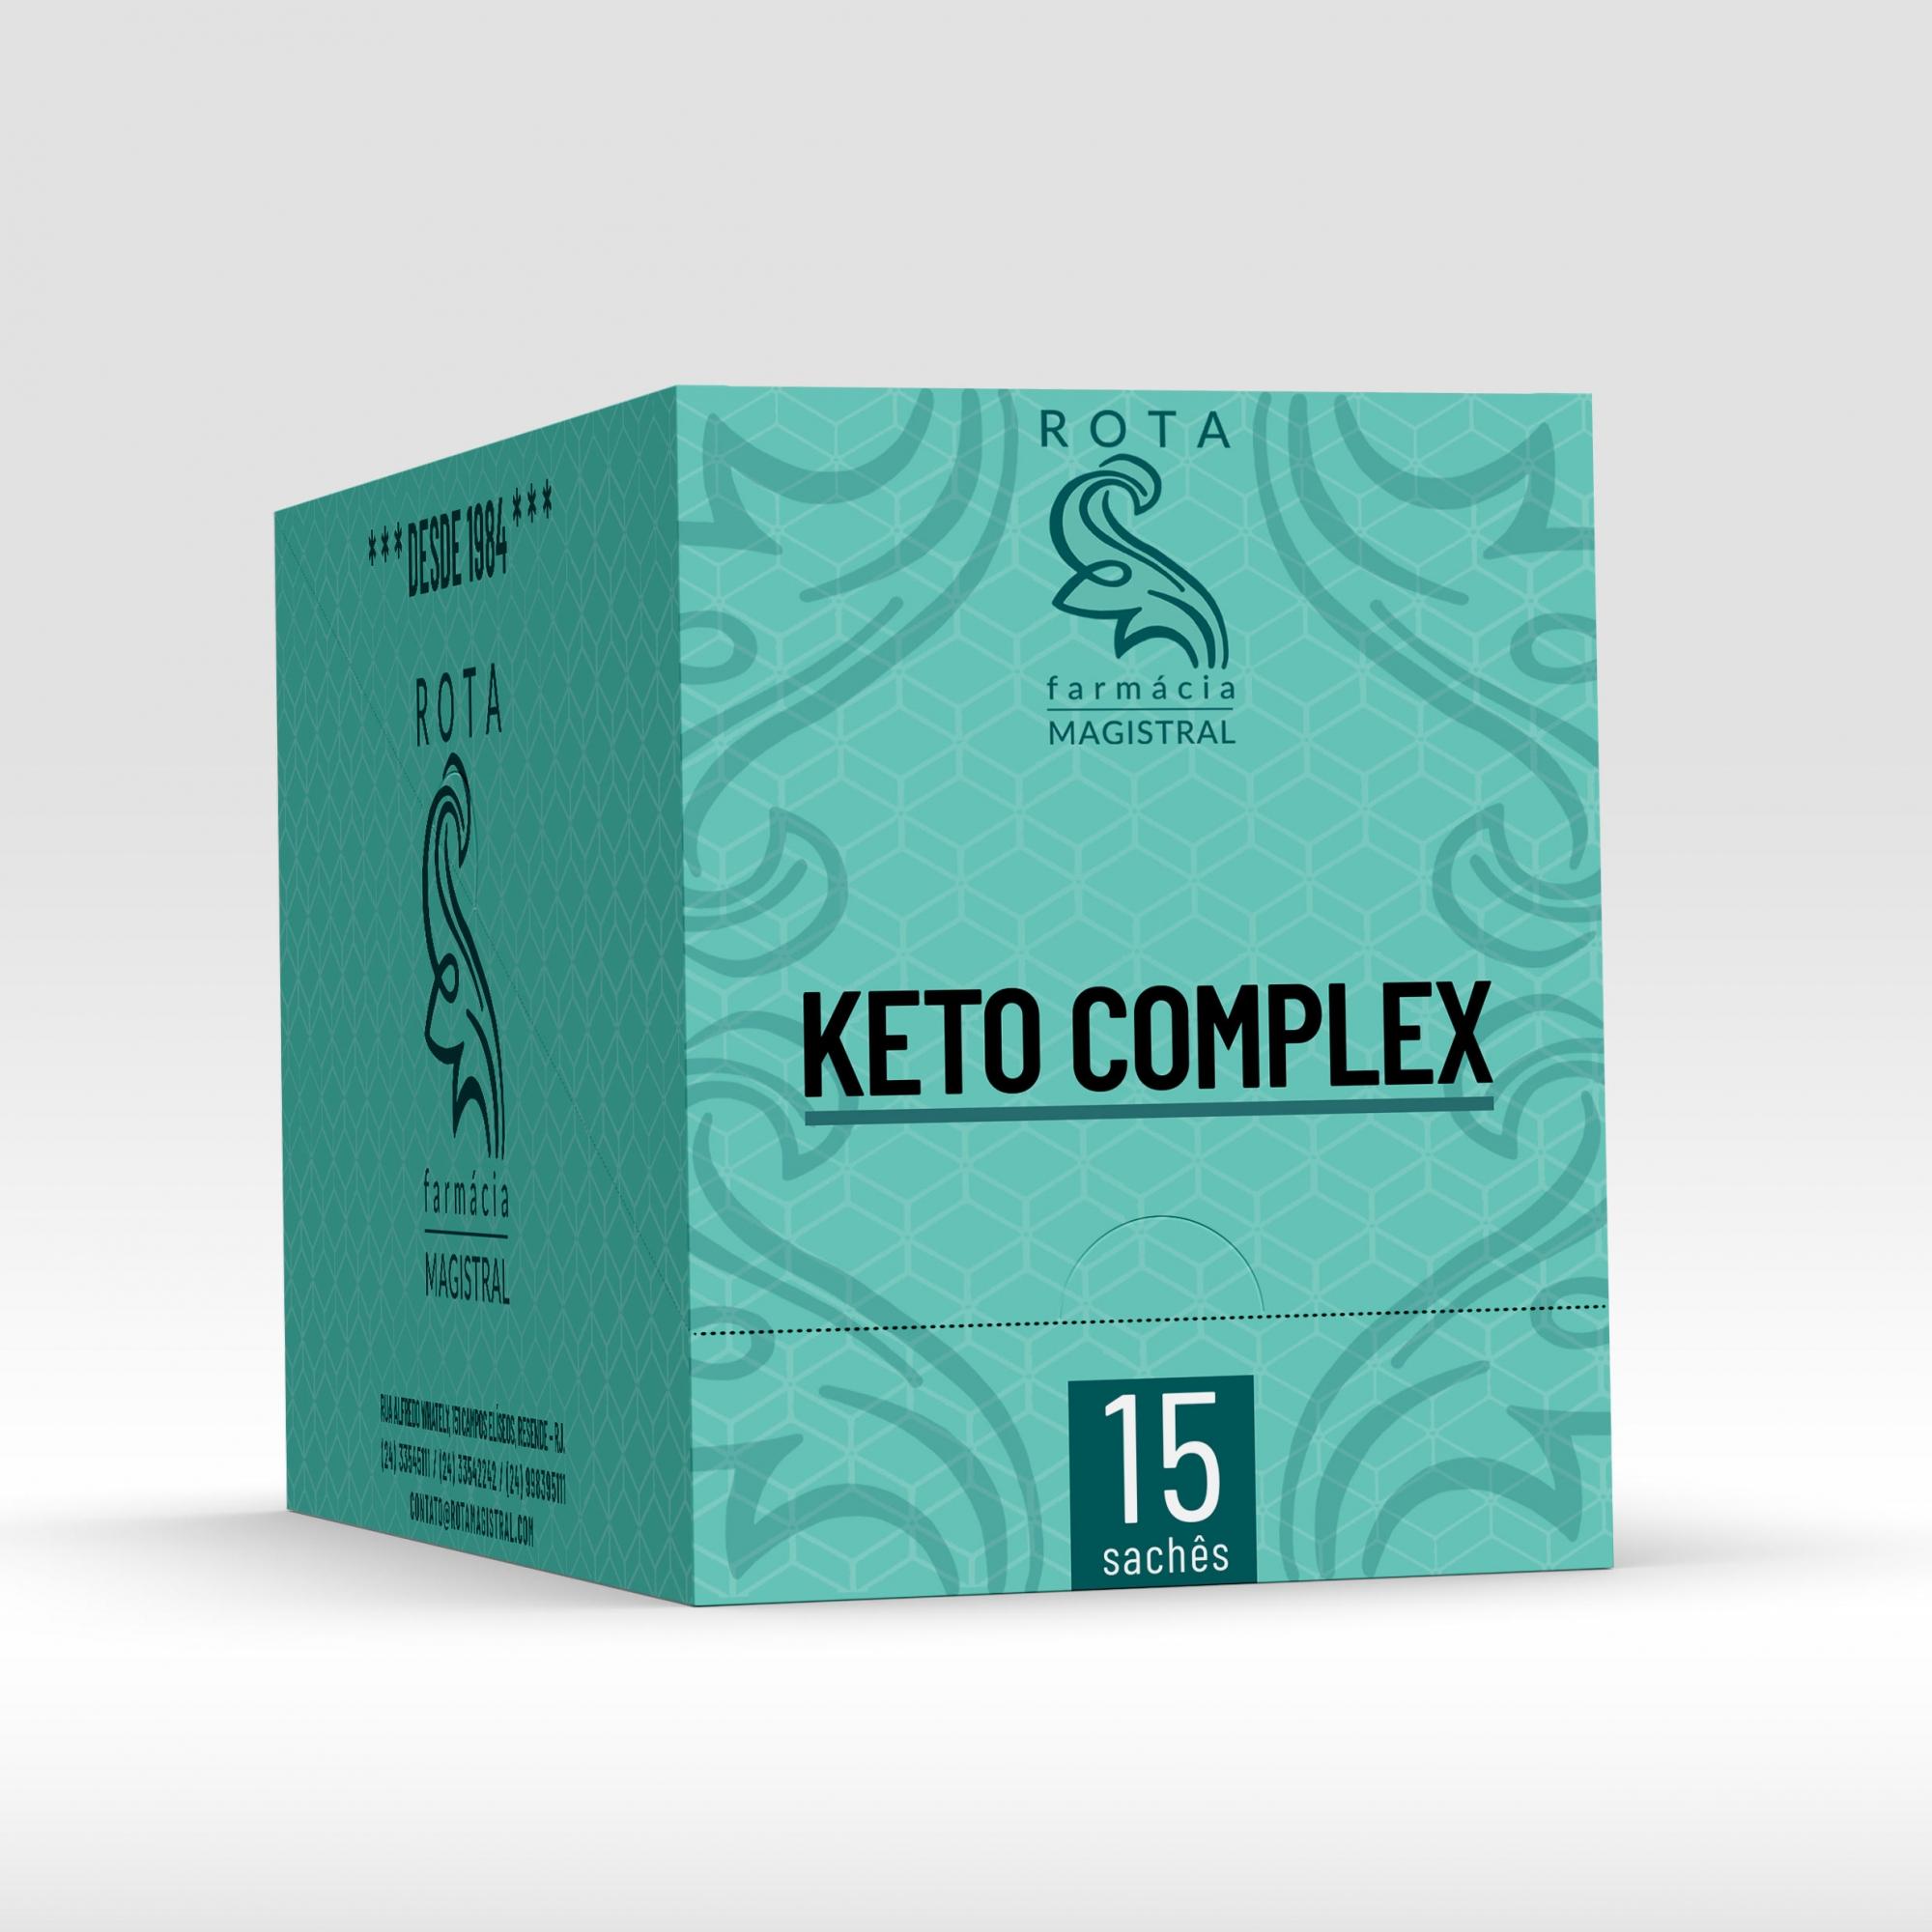 Keto Complex 15 sachês